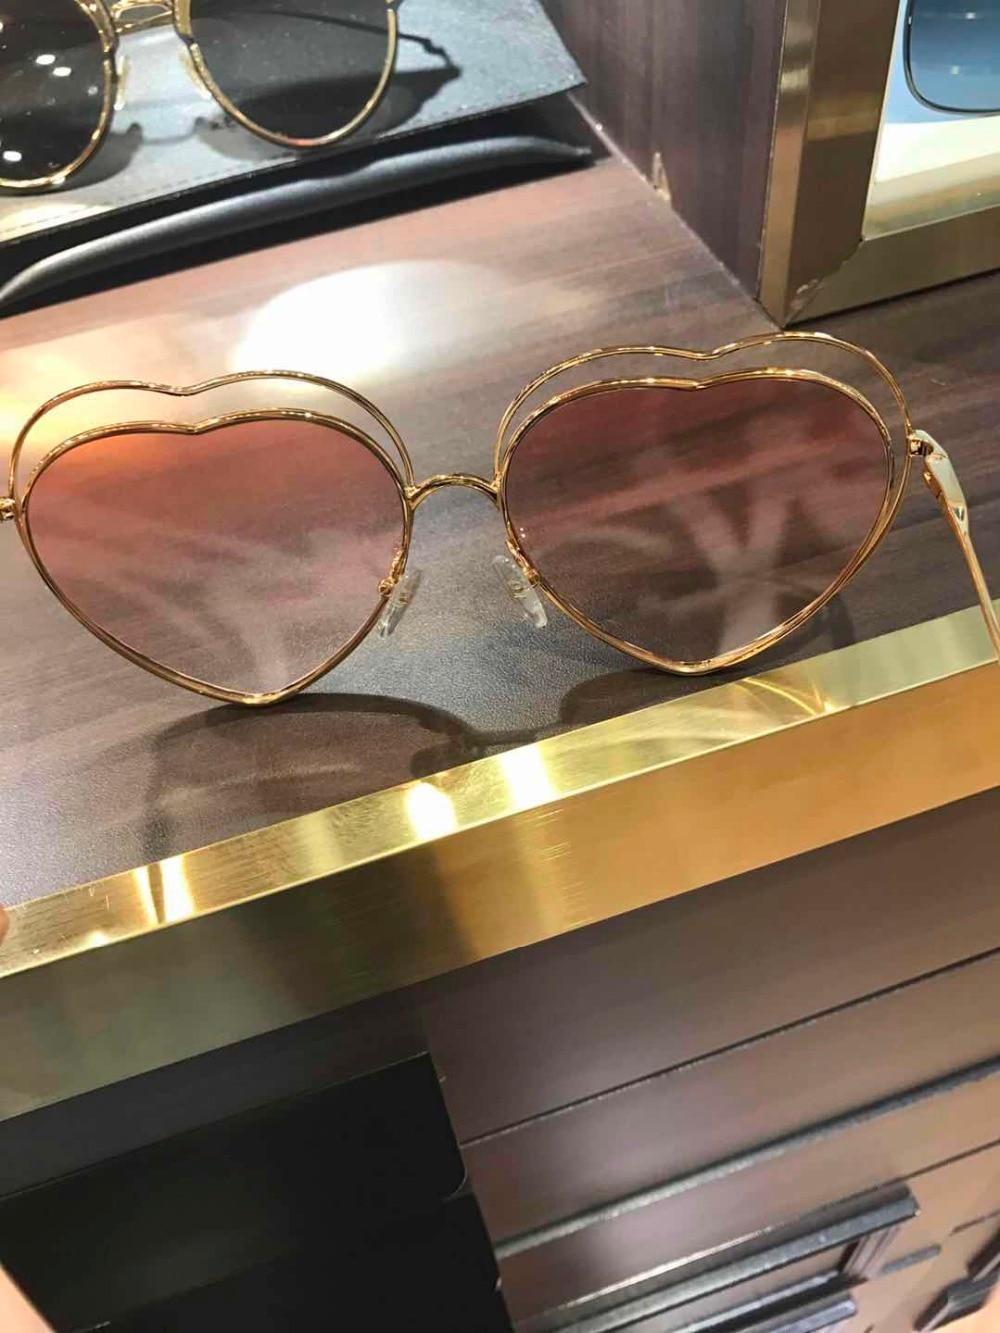 WD0659 2018 luxury Runway sunglasses women brand designer sun glasses for women Carter glasses